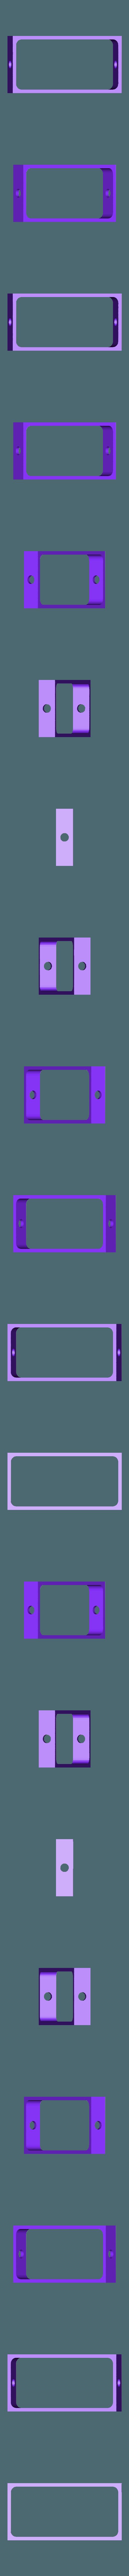 vent_clip_40mm.stl Télécharger fichier STL gratuit Agrafe de retenue pour grillage de ventilation 40 x 20 x 6mm • Modèle pour impression 3D, peaberry